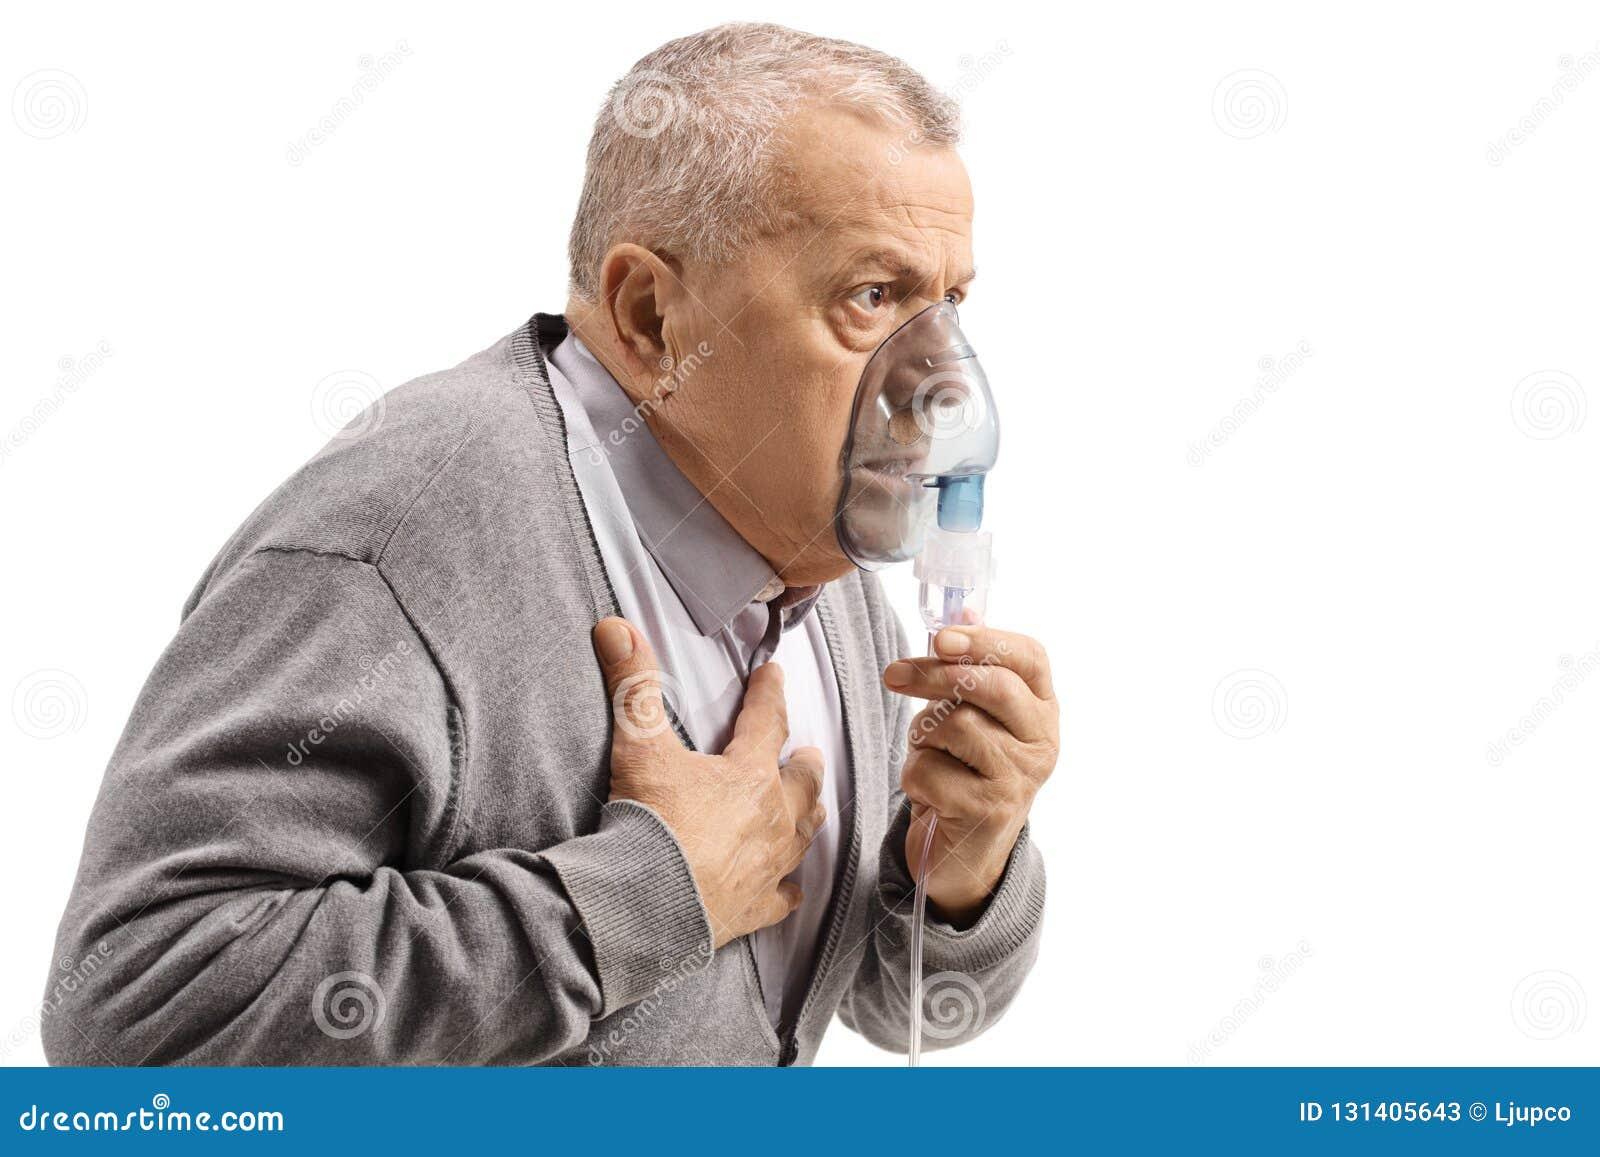 Hombre mayor con asma usando un inhalador y sostenerse el pecho